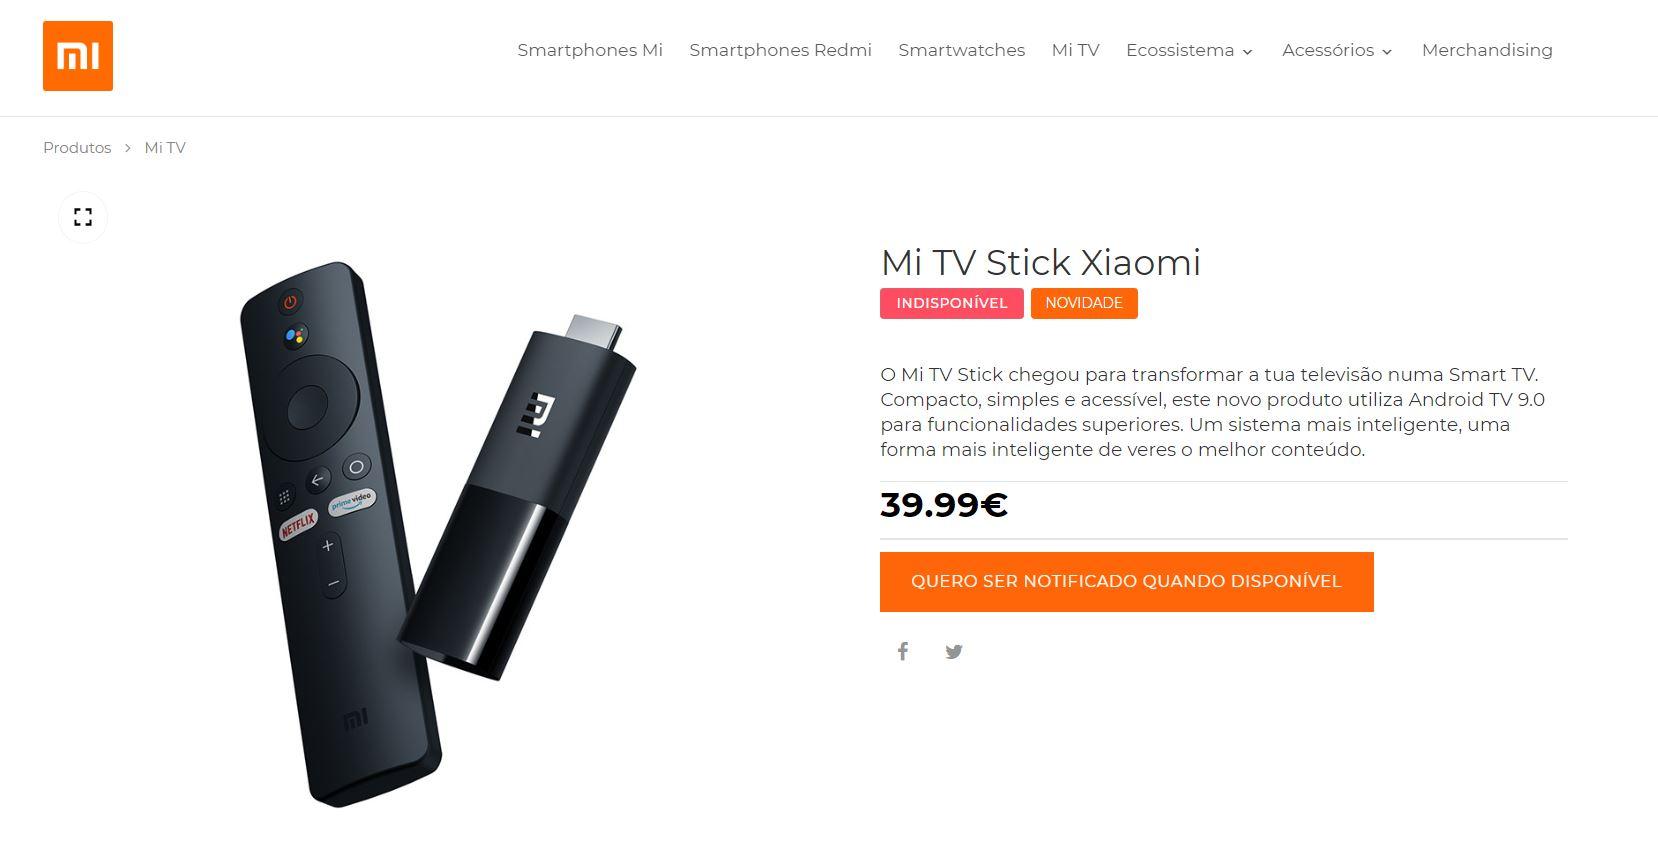 El precio del Xiaomi Mi TV Stick queda al descubierto junto al de otros productos que llegarán a Europa. Noticias Xiaomi Adictos